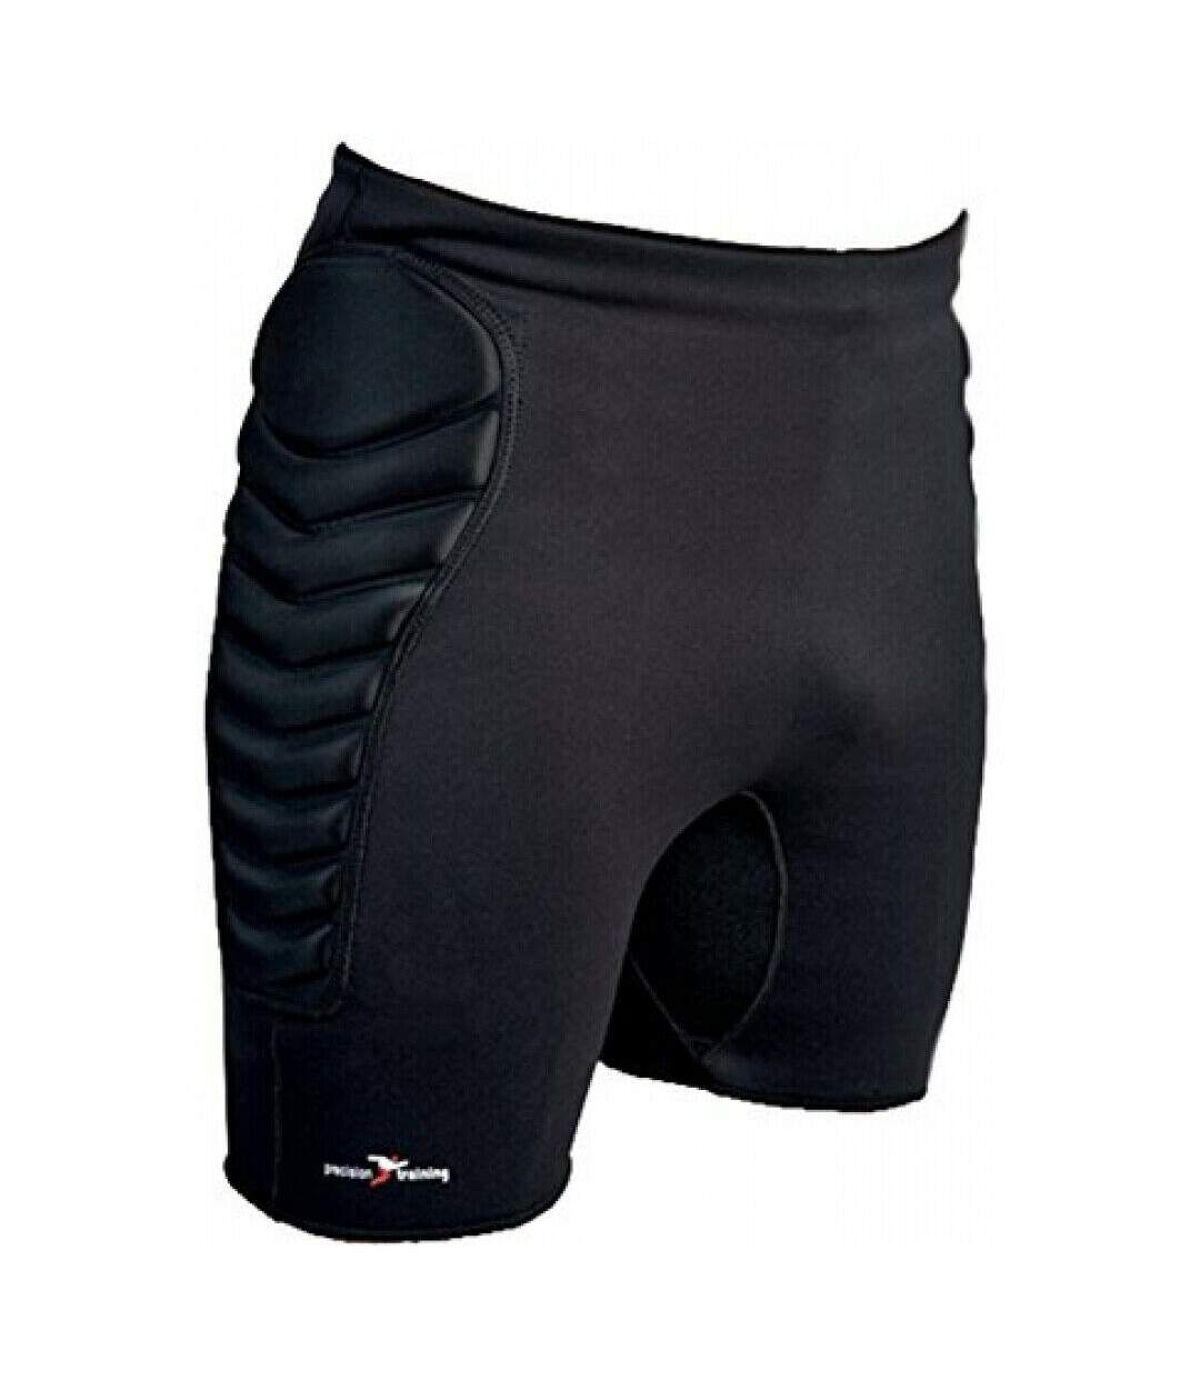 Precision Mens Neoprene Goalkeeping Shorts (Black) - UTRD312